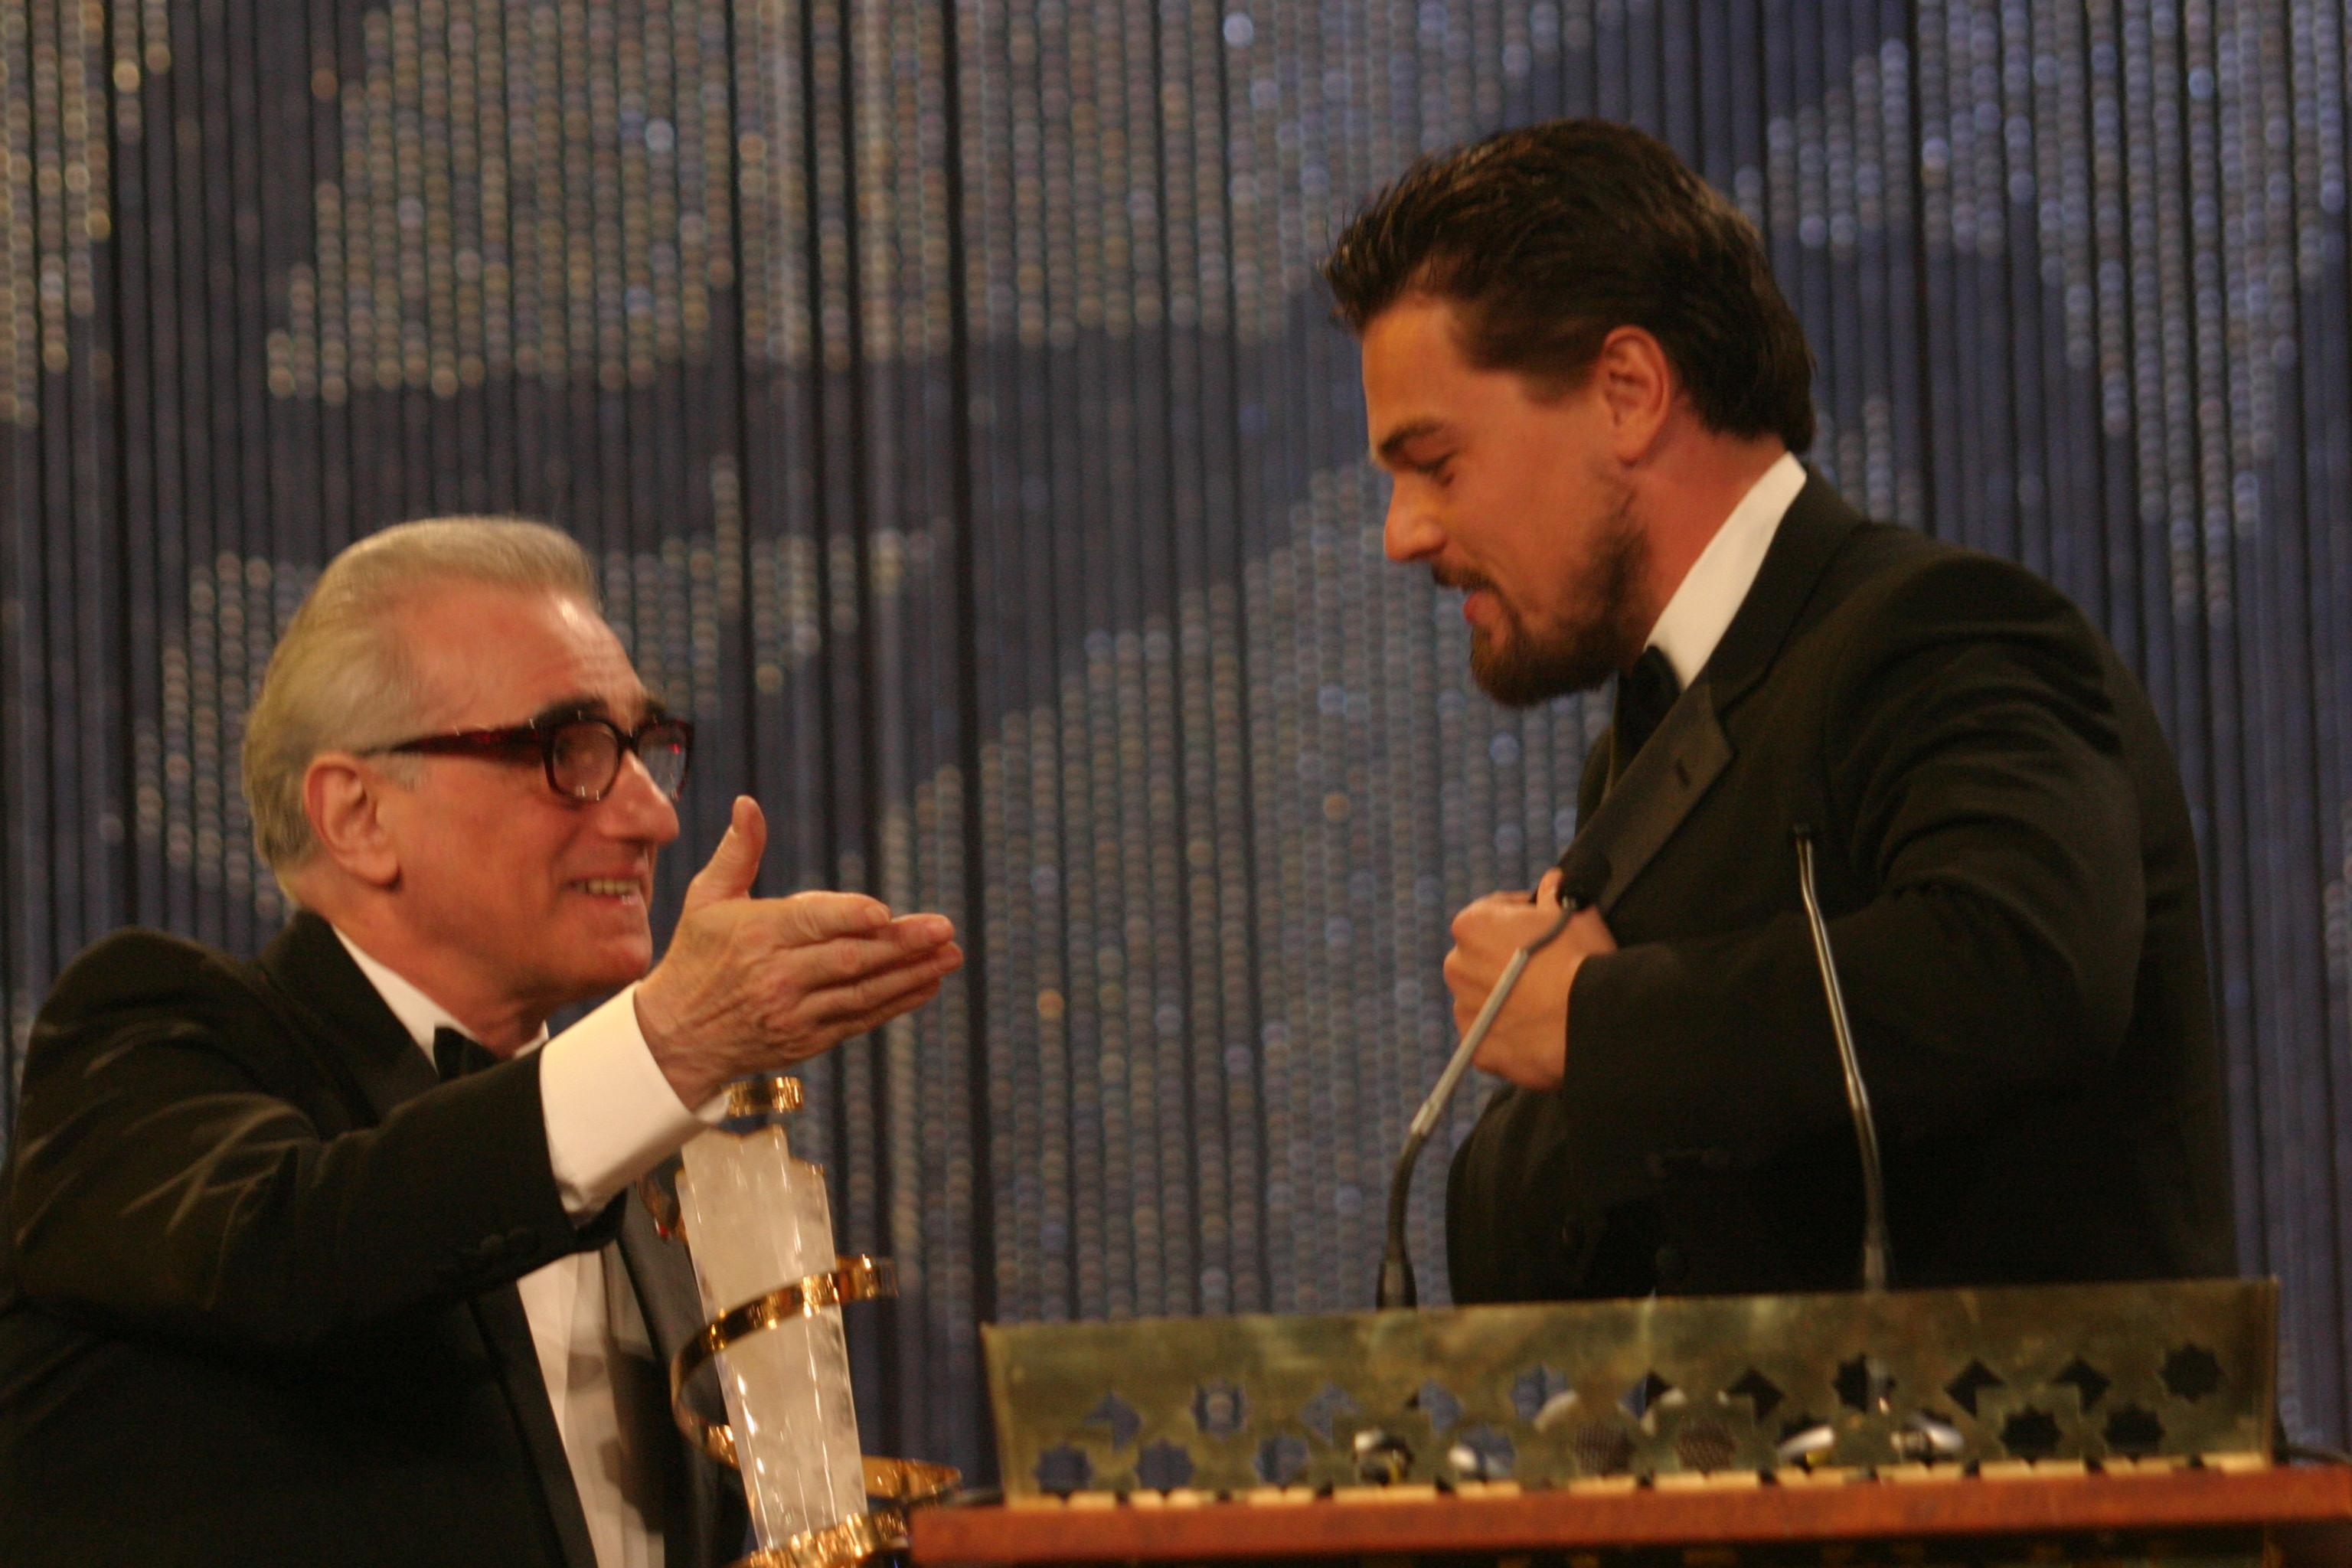 Dikaprio i Skorseze: Nova saradnja legendarnog dua